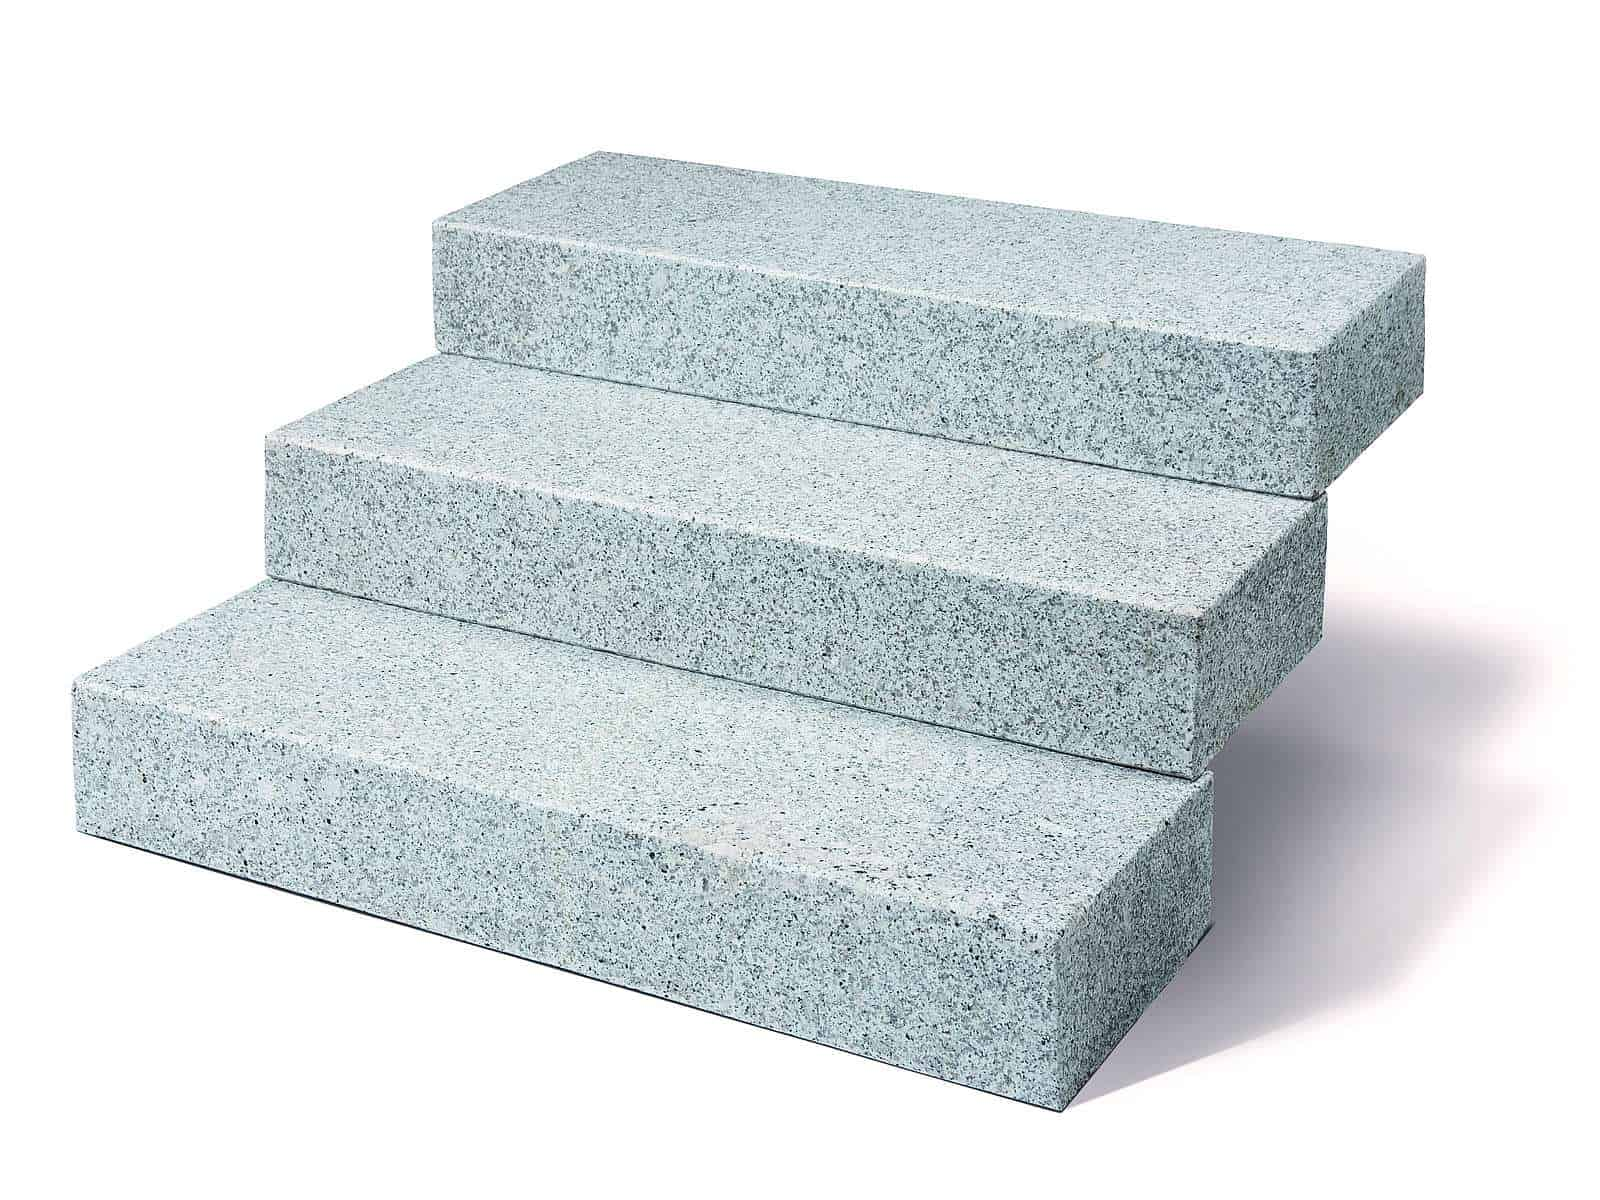 Die Blockstufe Granit Kristall grau.